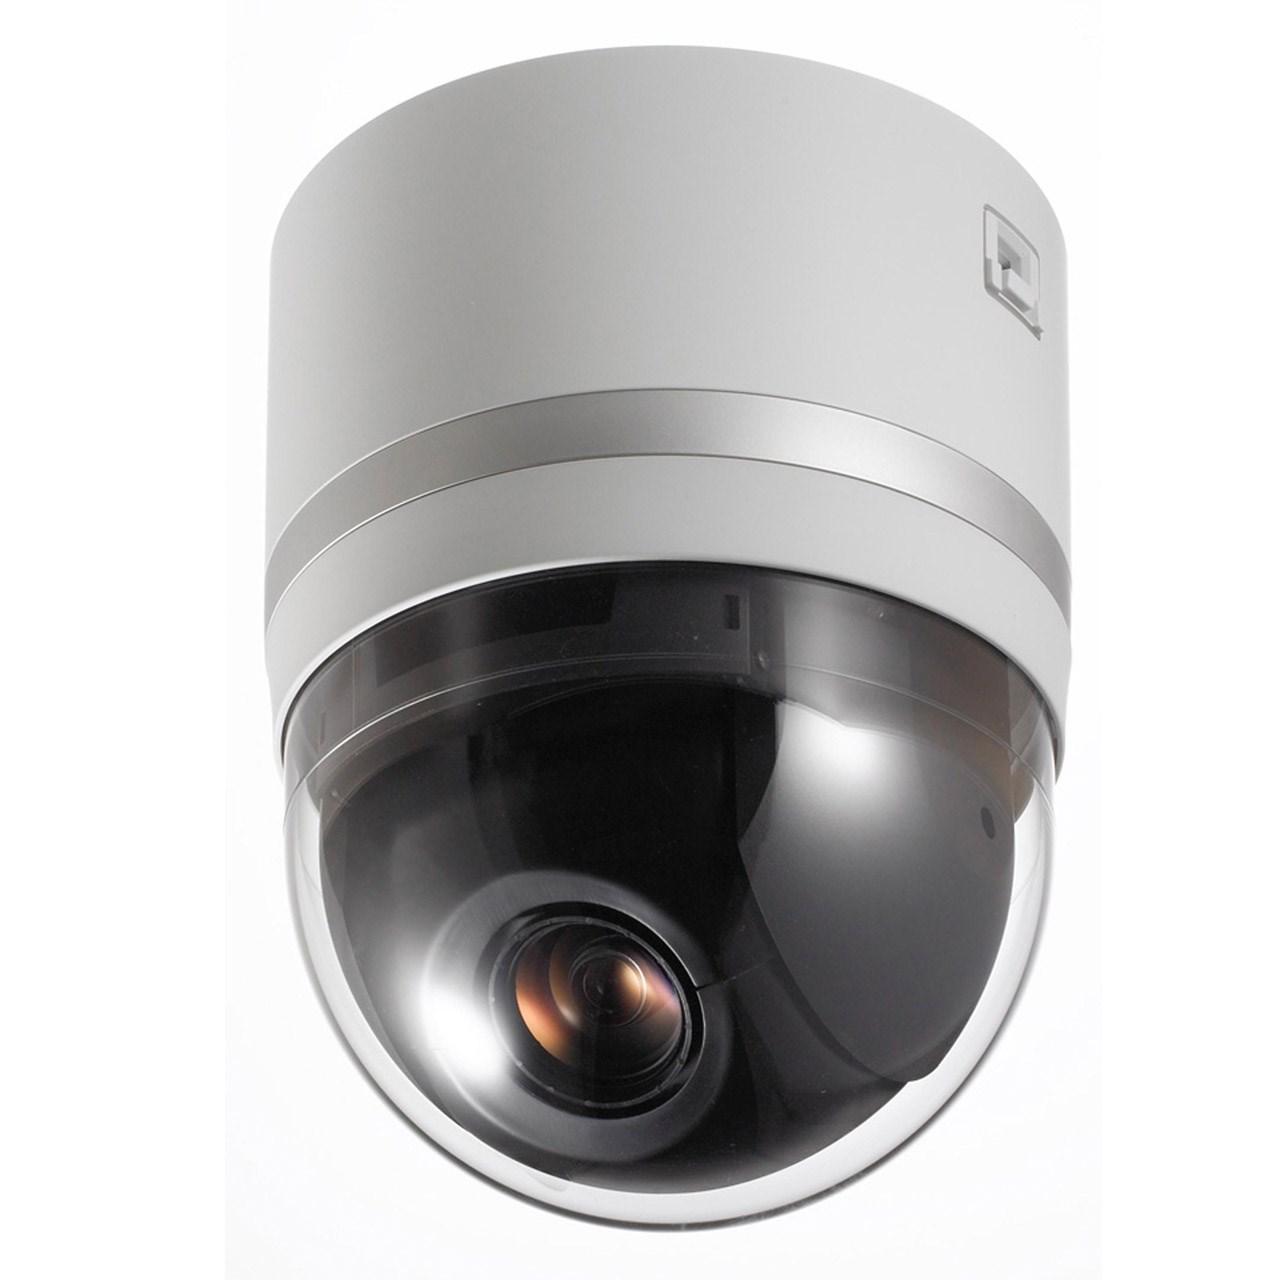 دوربین مداربسته آنالوگ جی وی سی مدل TK-C686E